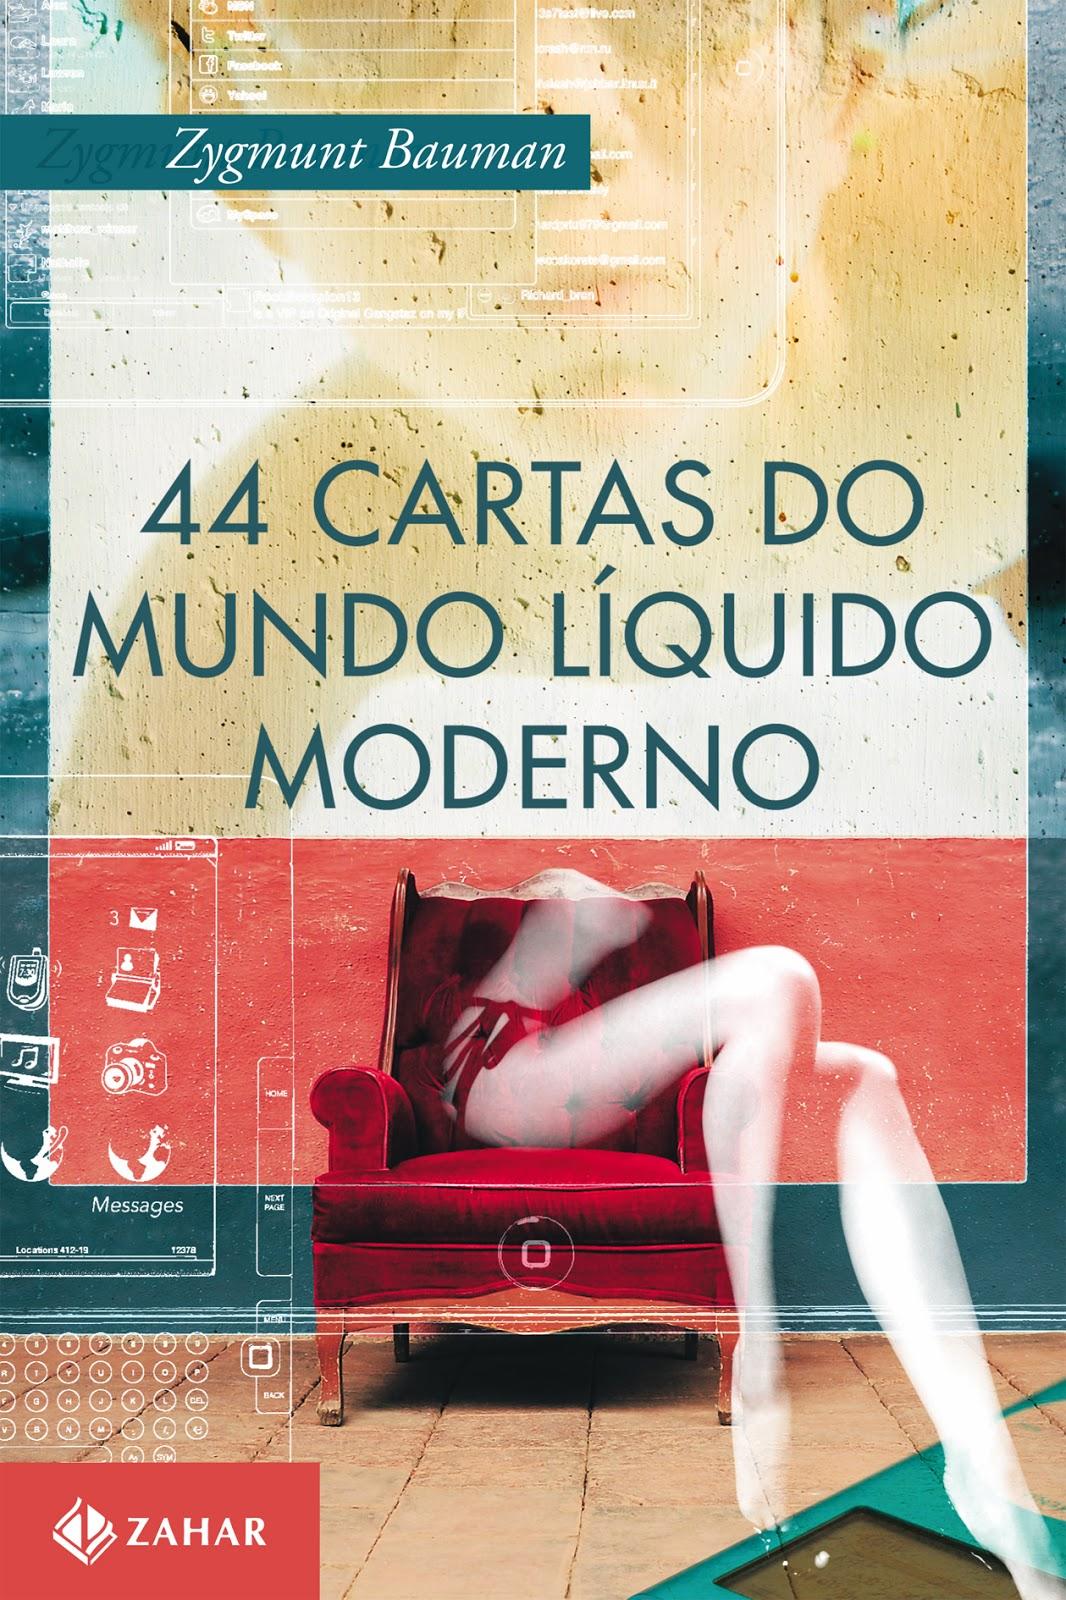 Zygmunt Bauman - 44 Cartas do Mundo Líquido - Livros Online em PDF grátis para downloadZygmunt Bauman - 44 Cartas do Mundo Líquido - Livros Online em PDF grátis para download